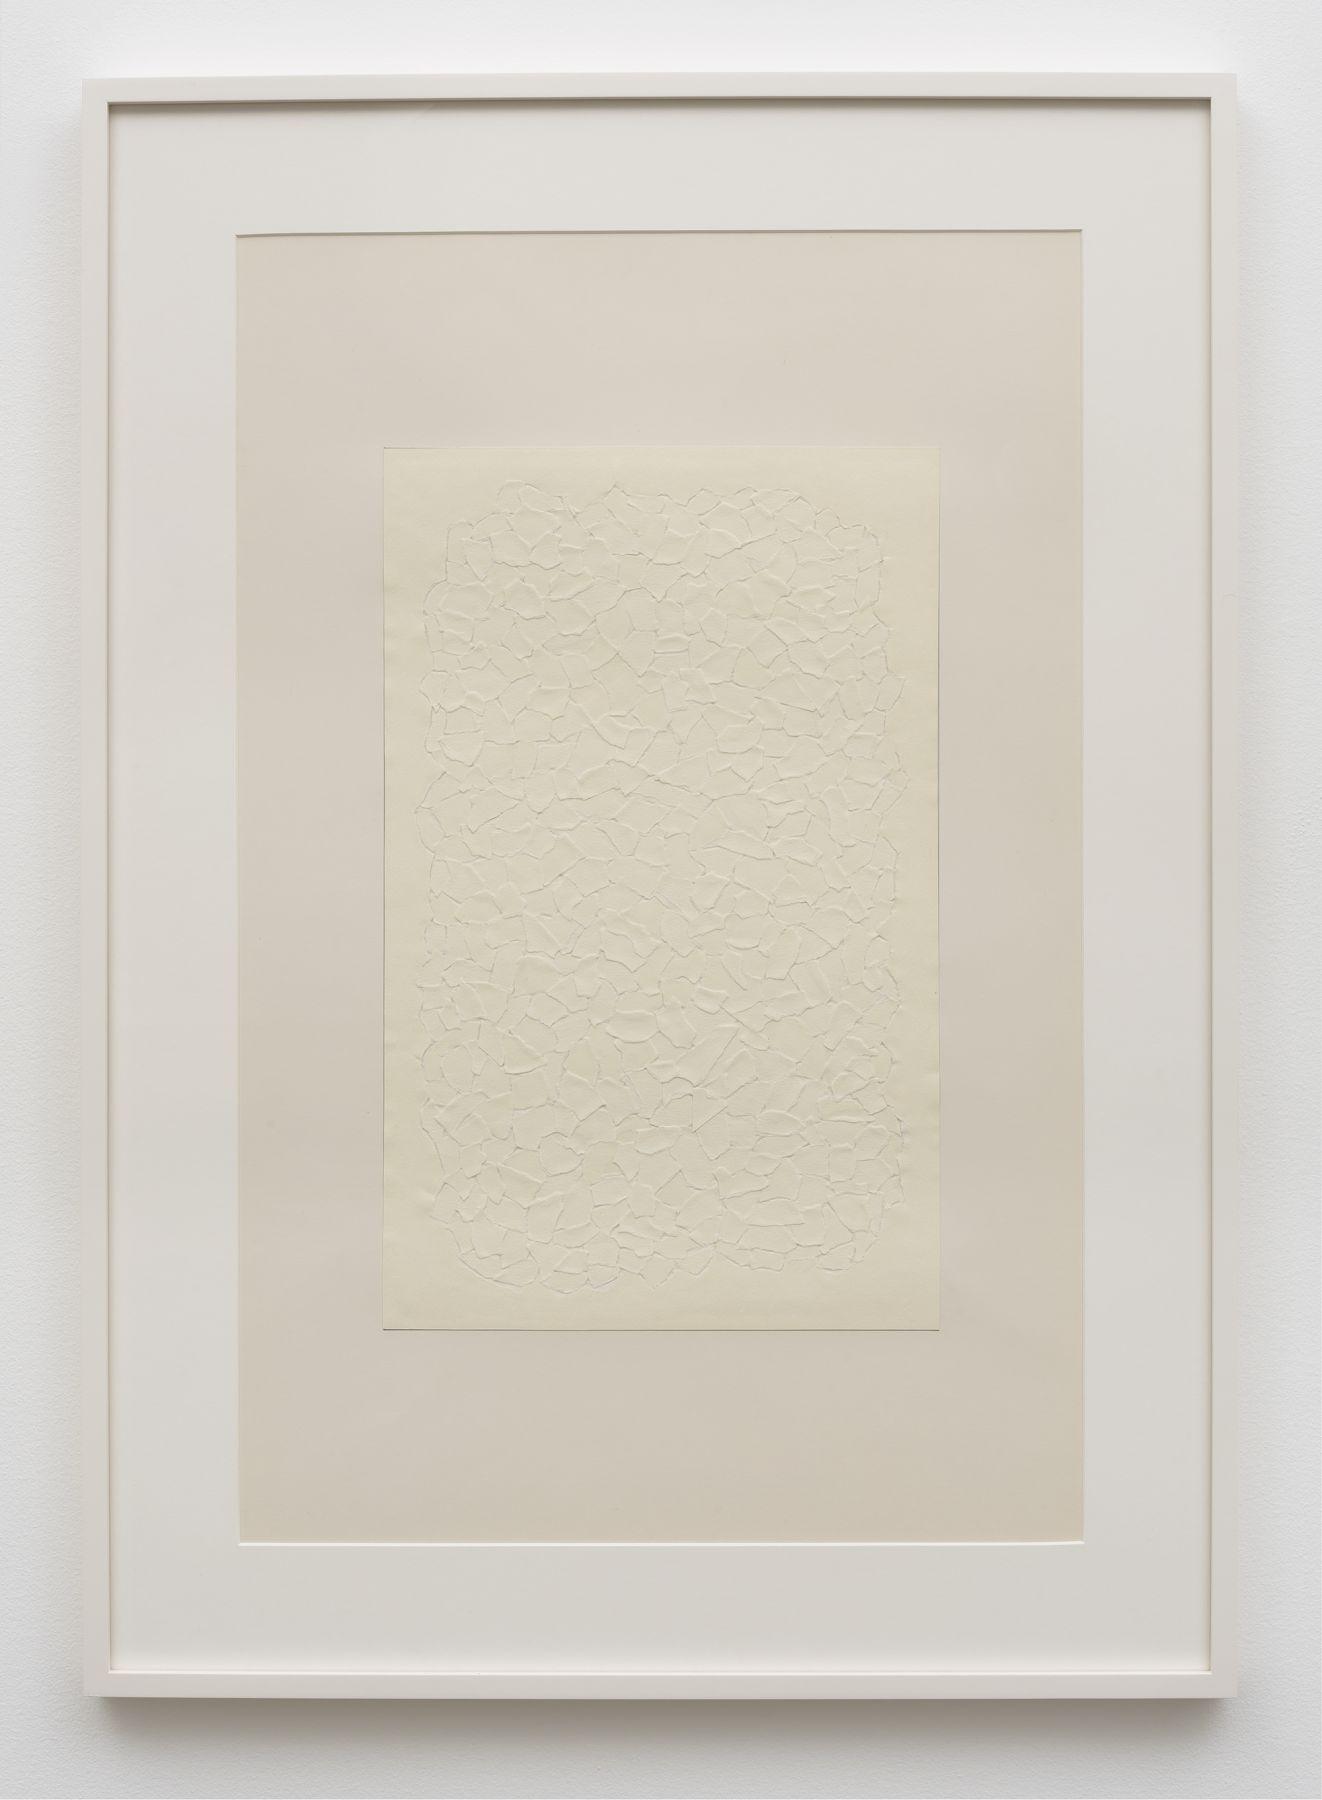 Jiro Takamatsu, Oneness of Paper